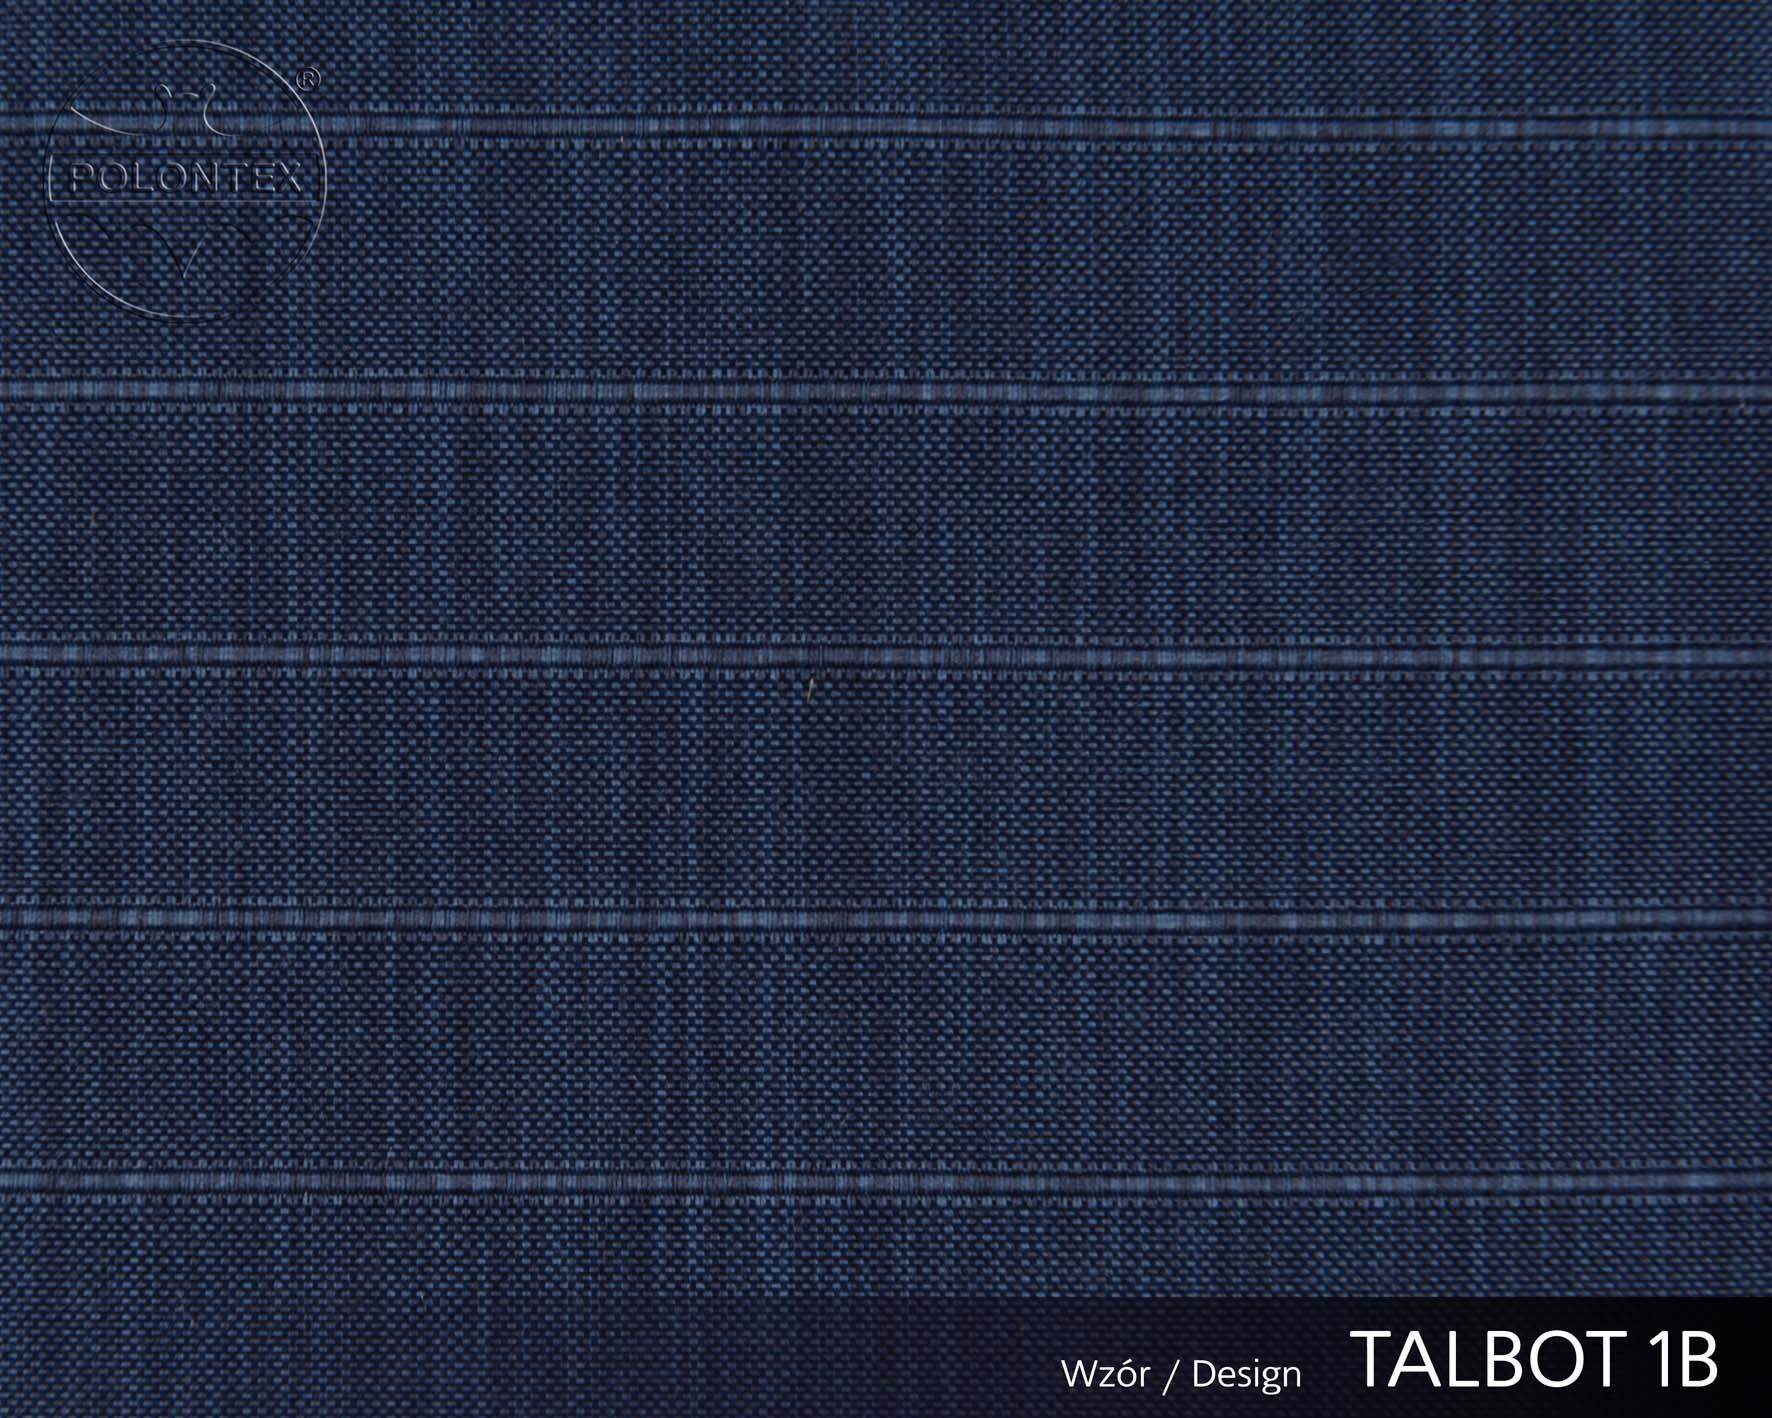 TALBOT 1B 5279